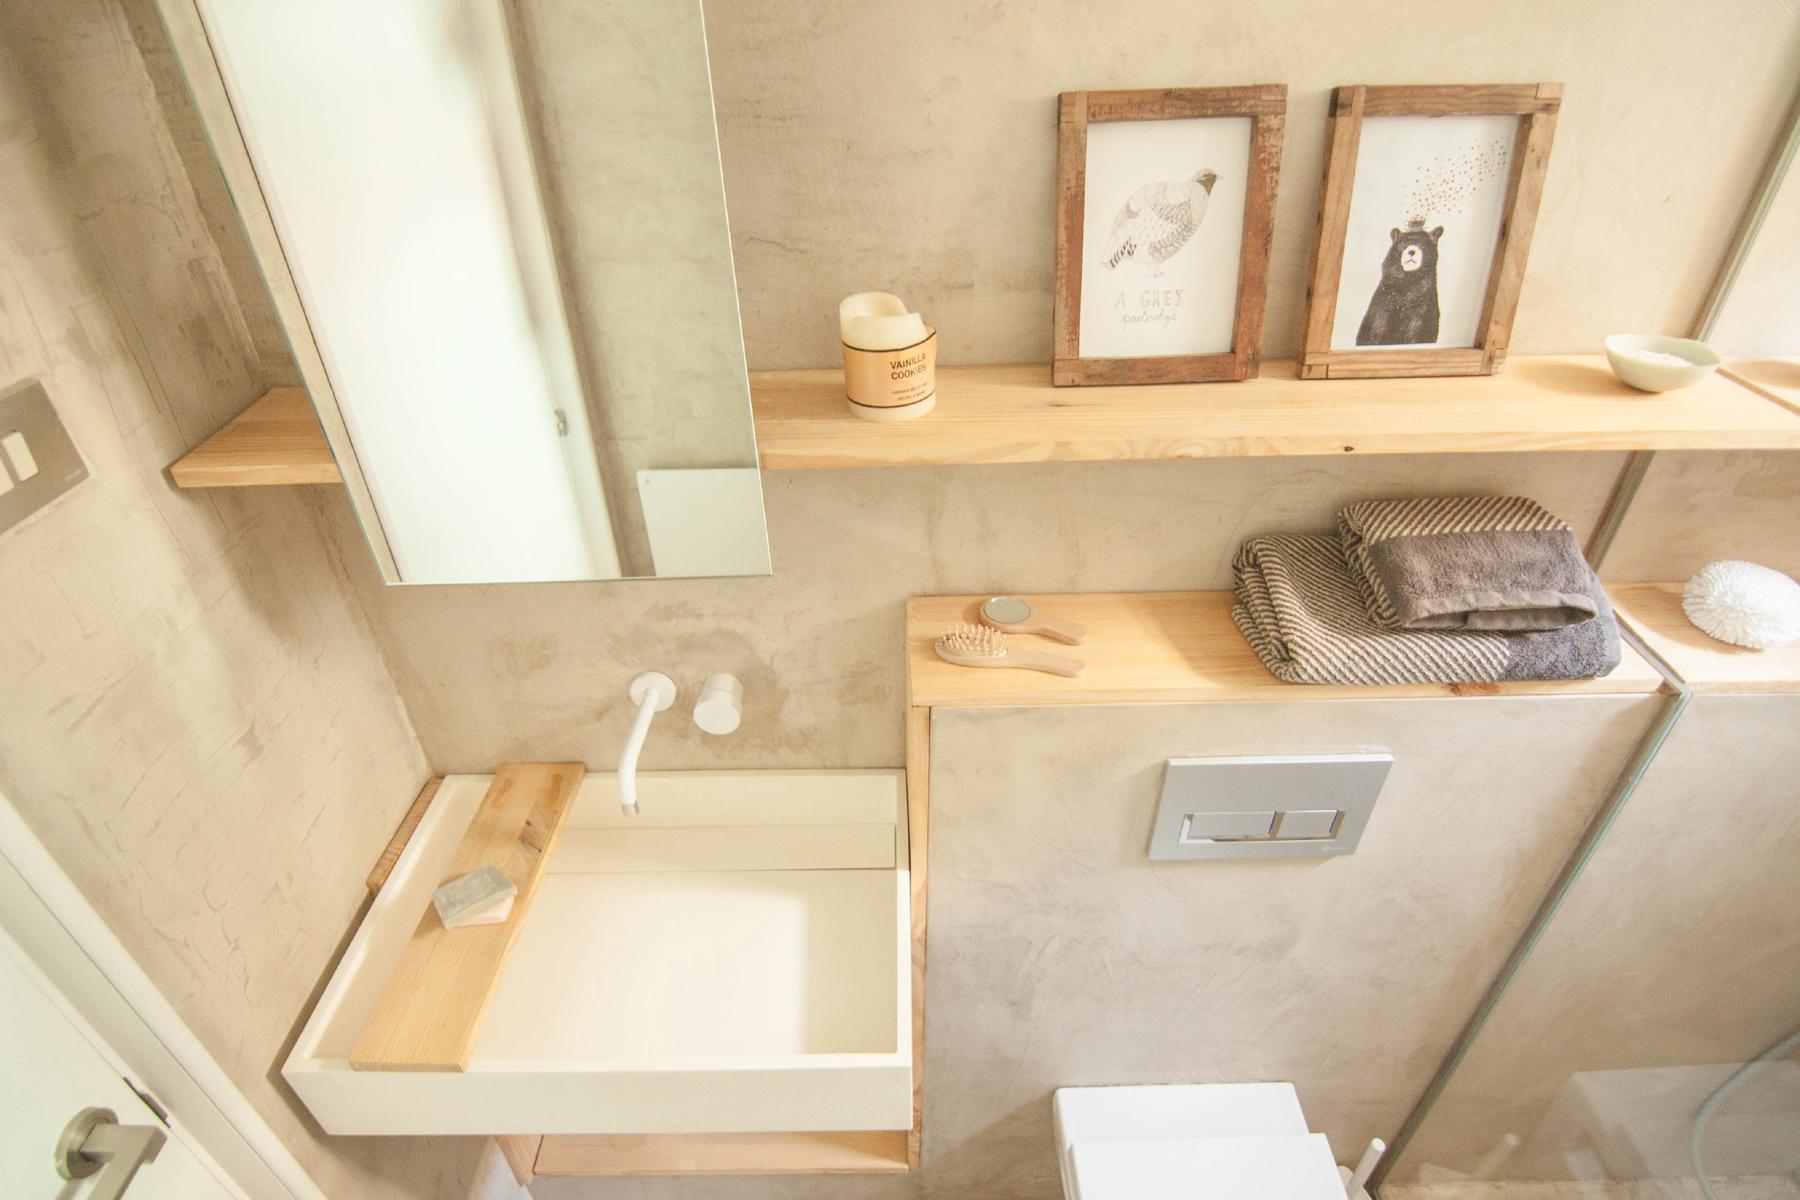 Pisos De Goma Para Baño:Imágenes © Neus Casanova  Vía: AD Architectural Digest